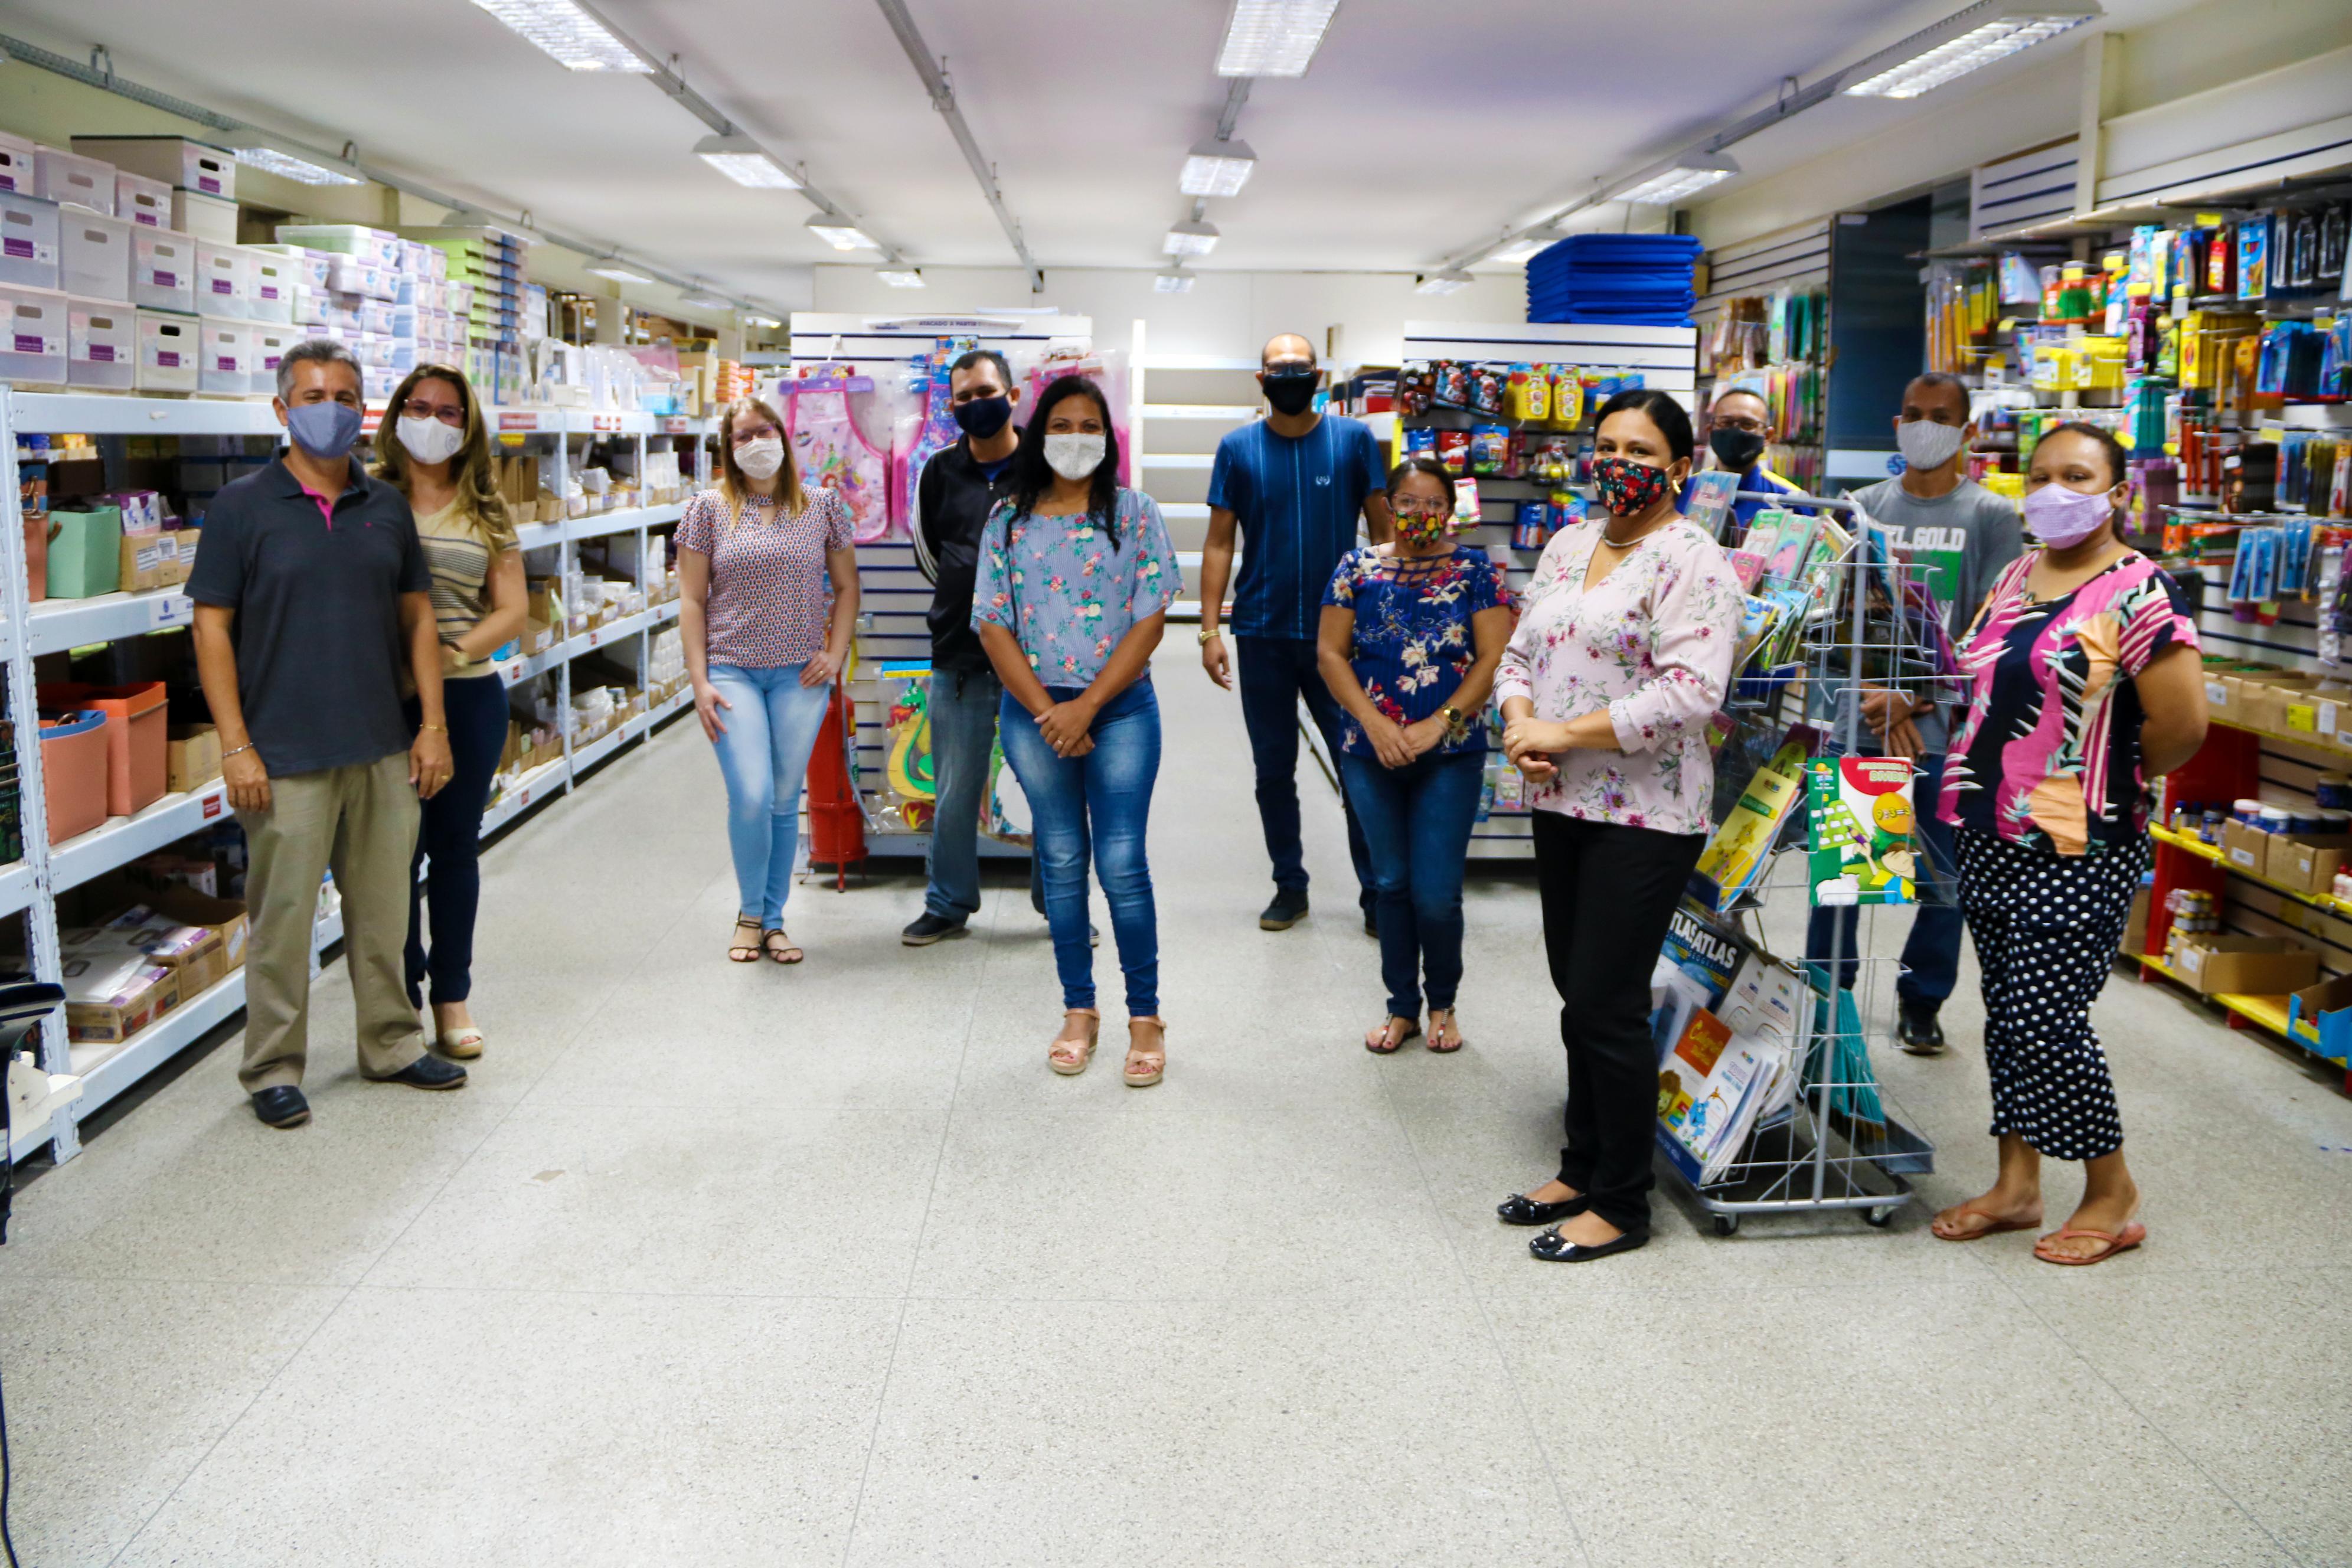 Equipe de vendas da Shoppingráfica Atacarejo totalmente pronta para atender você com toda a segurança.